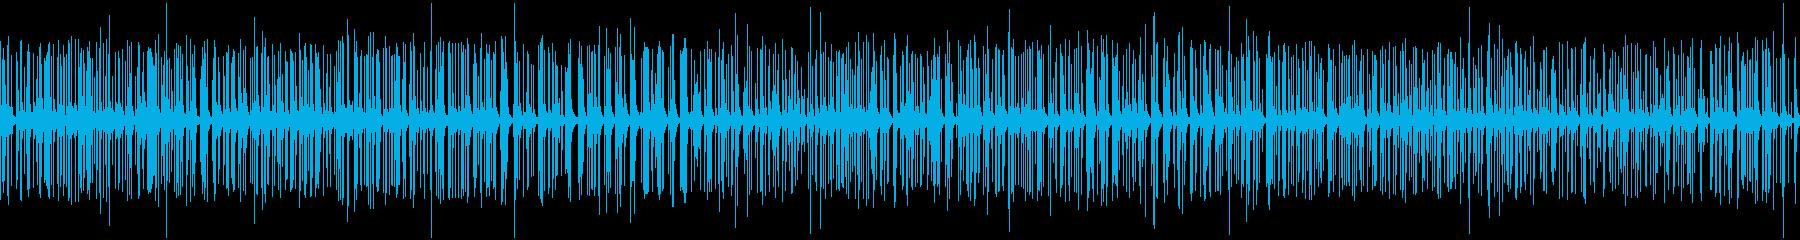 観客 拍手 パチパチ ループの再生済みの波形